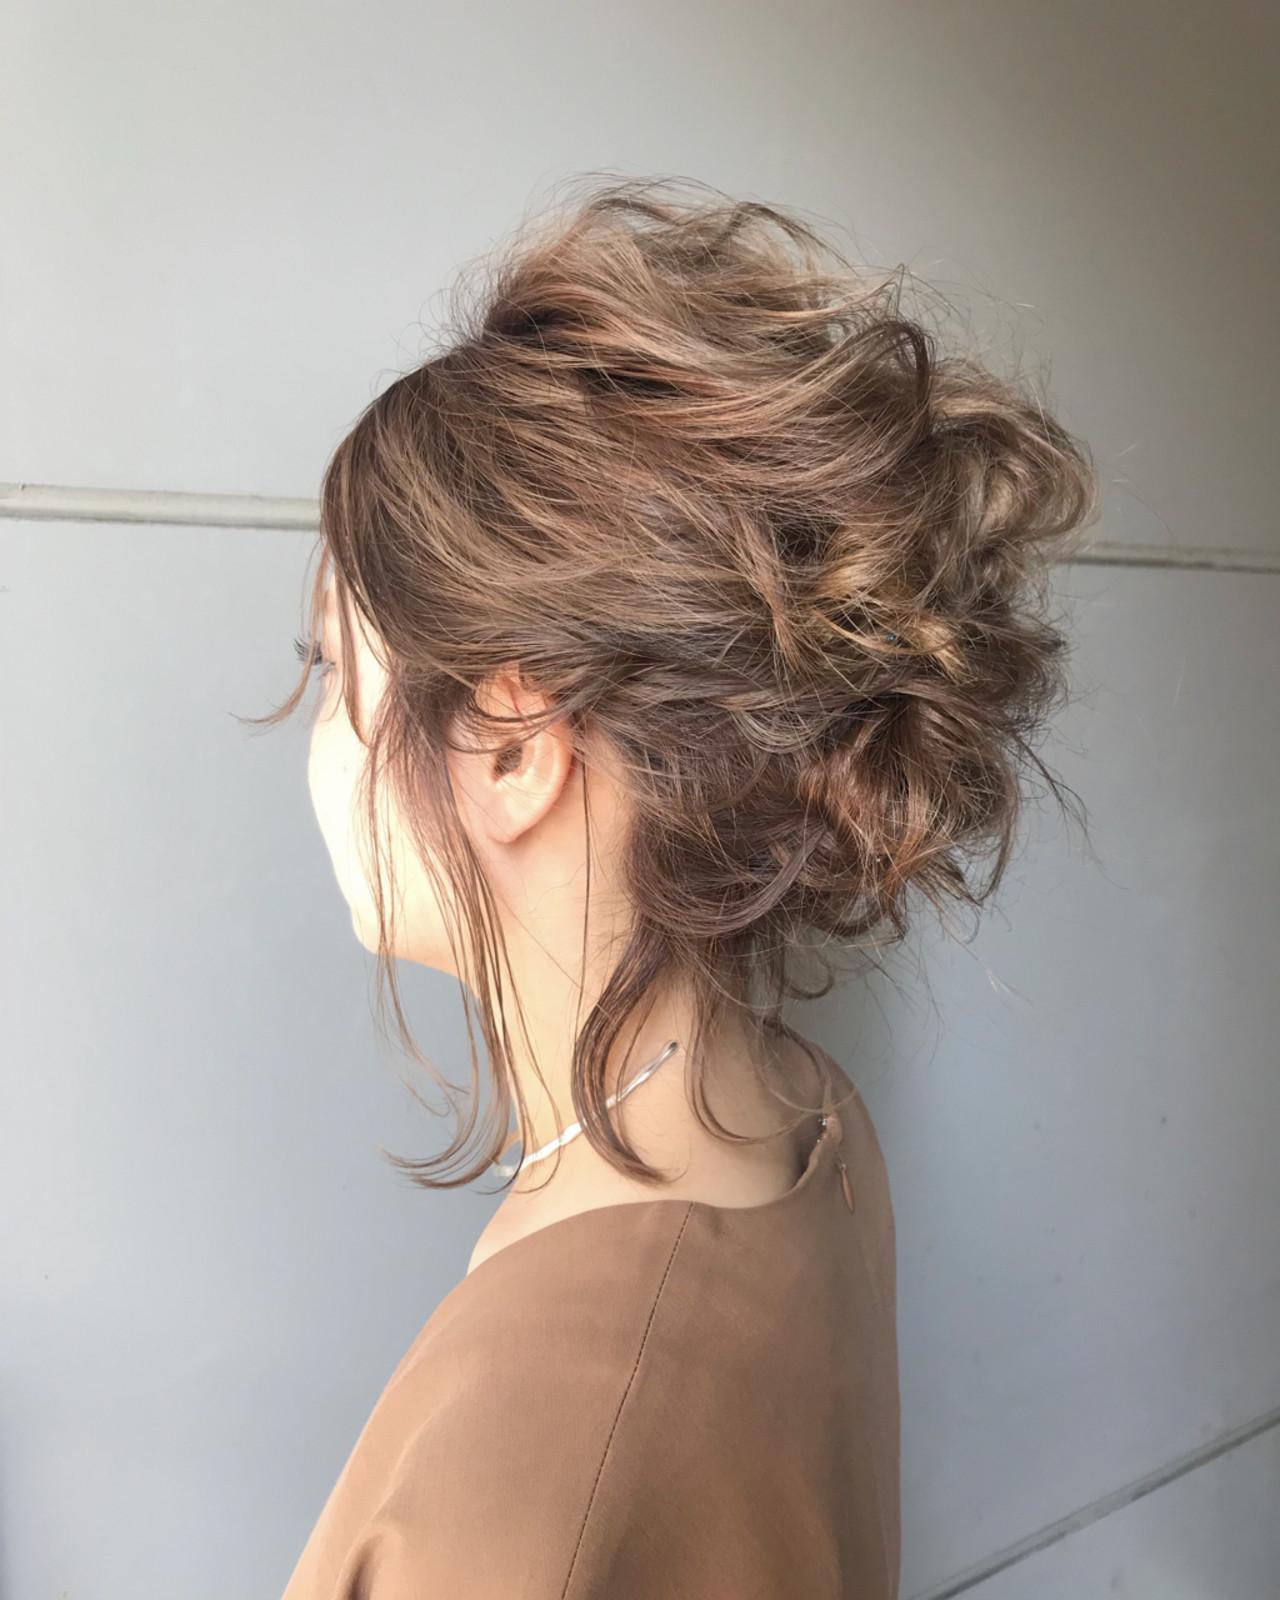 大人かわいい フェミニン ミディアム パーティ ヘアスタイルや髪型の写真・画像   とも / sourire  今泉店